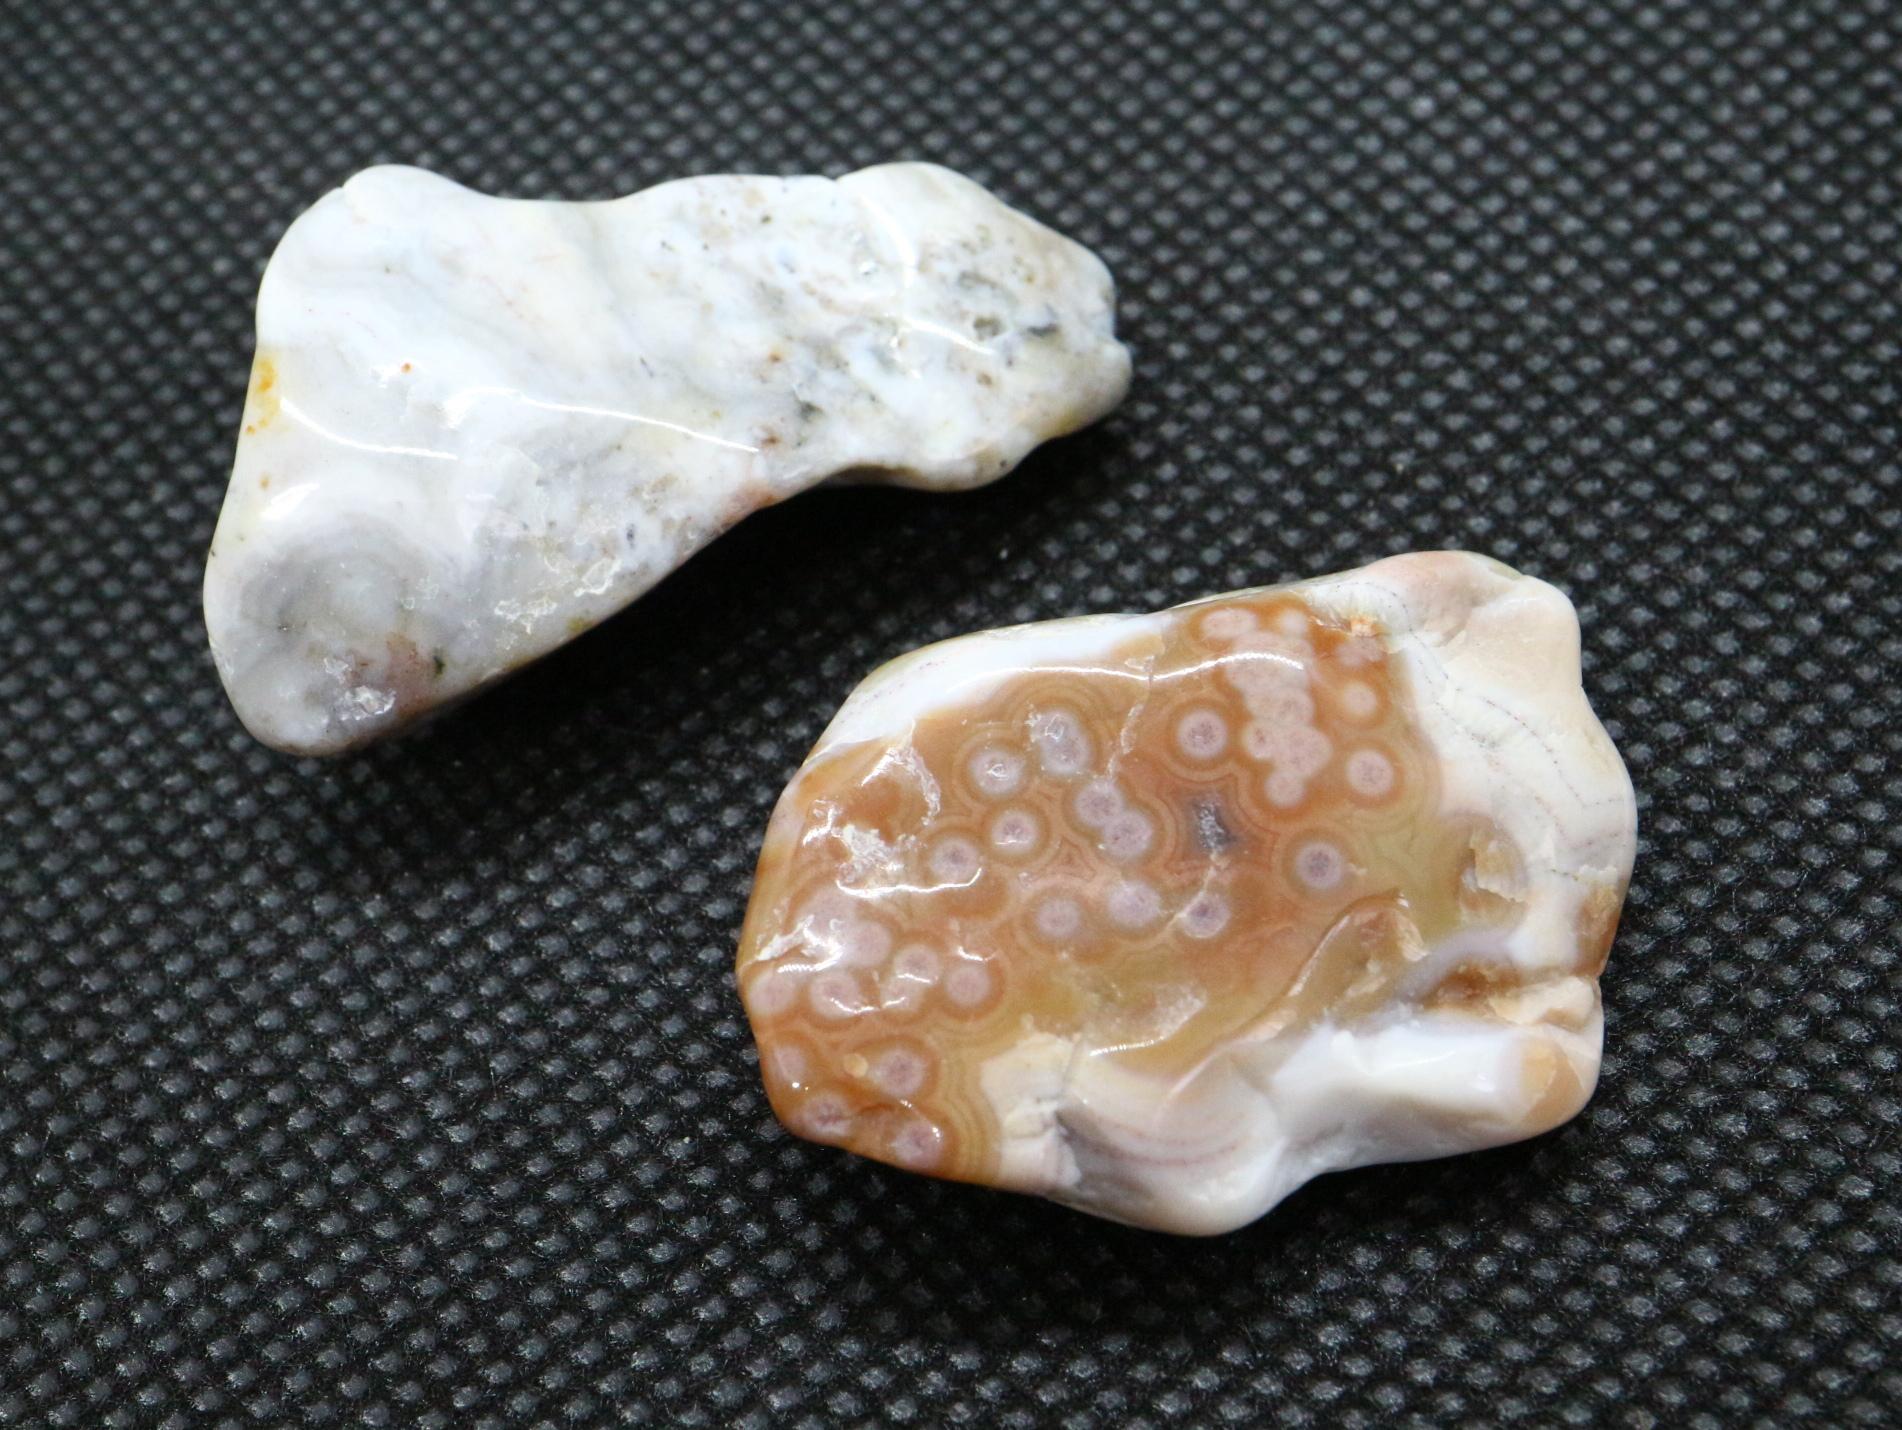 2ヶセット!オーシャンジャスパー 研磨 マダガスカル産 19,9g OJ055 原石 鉱物 天然石 パワーストーン